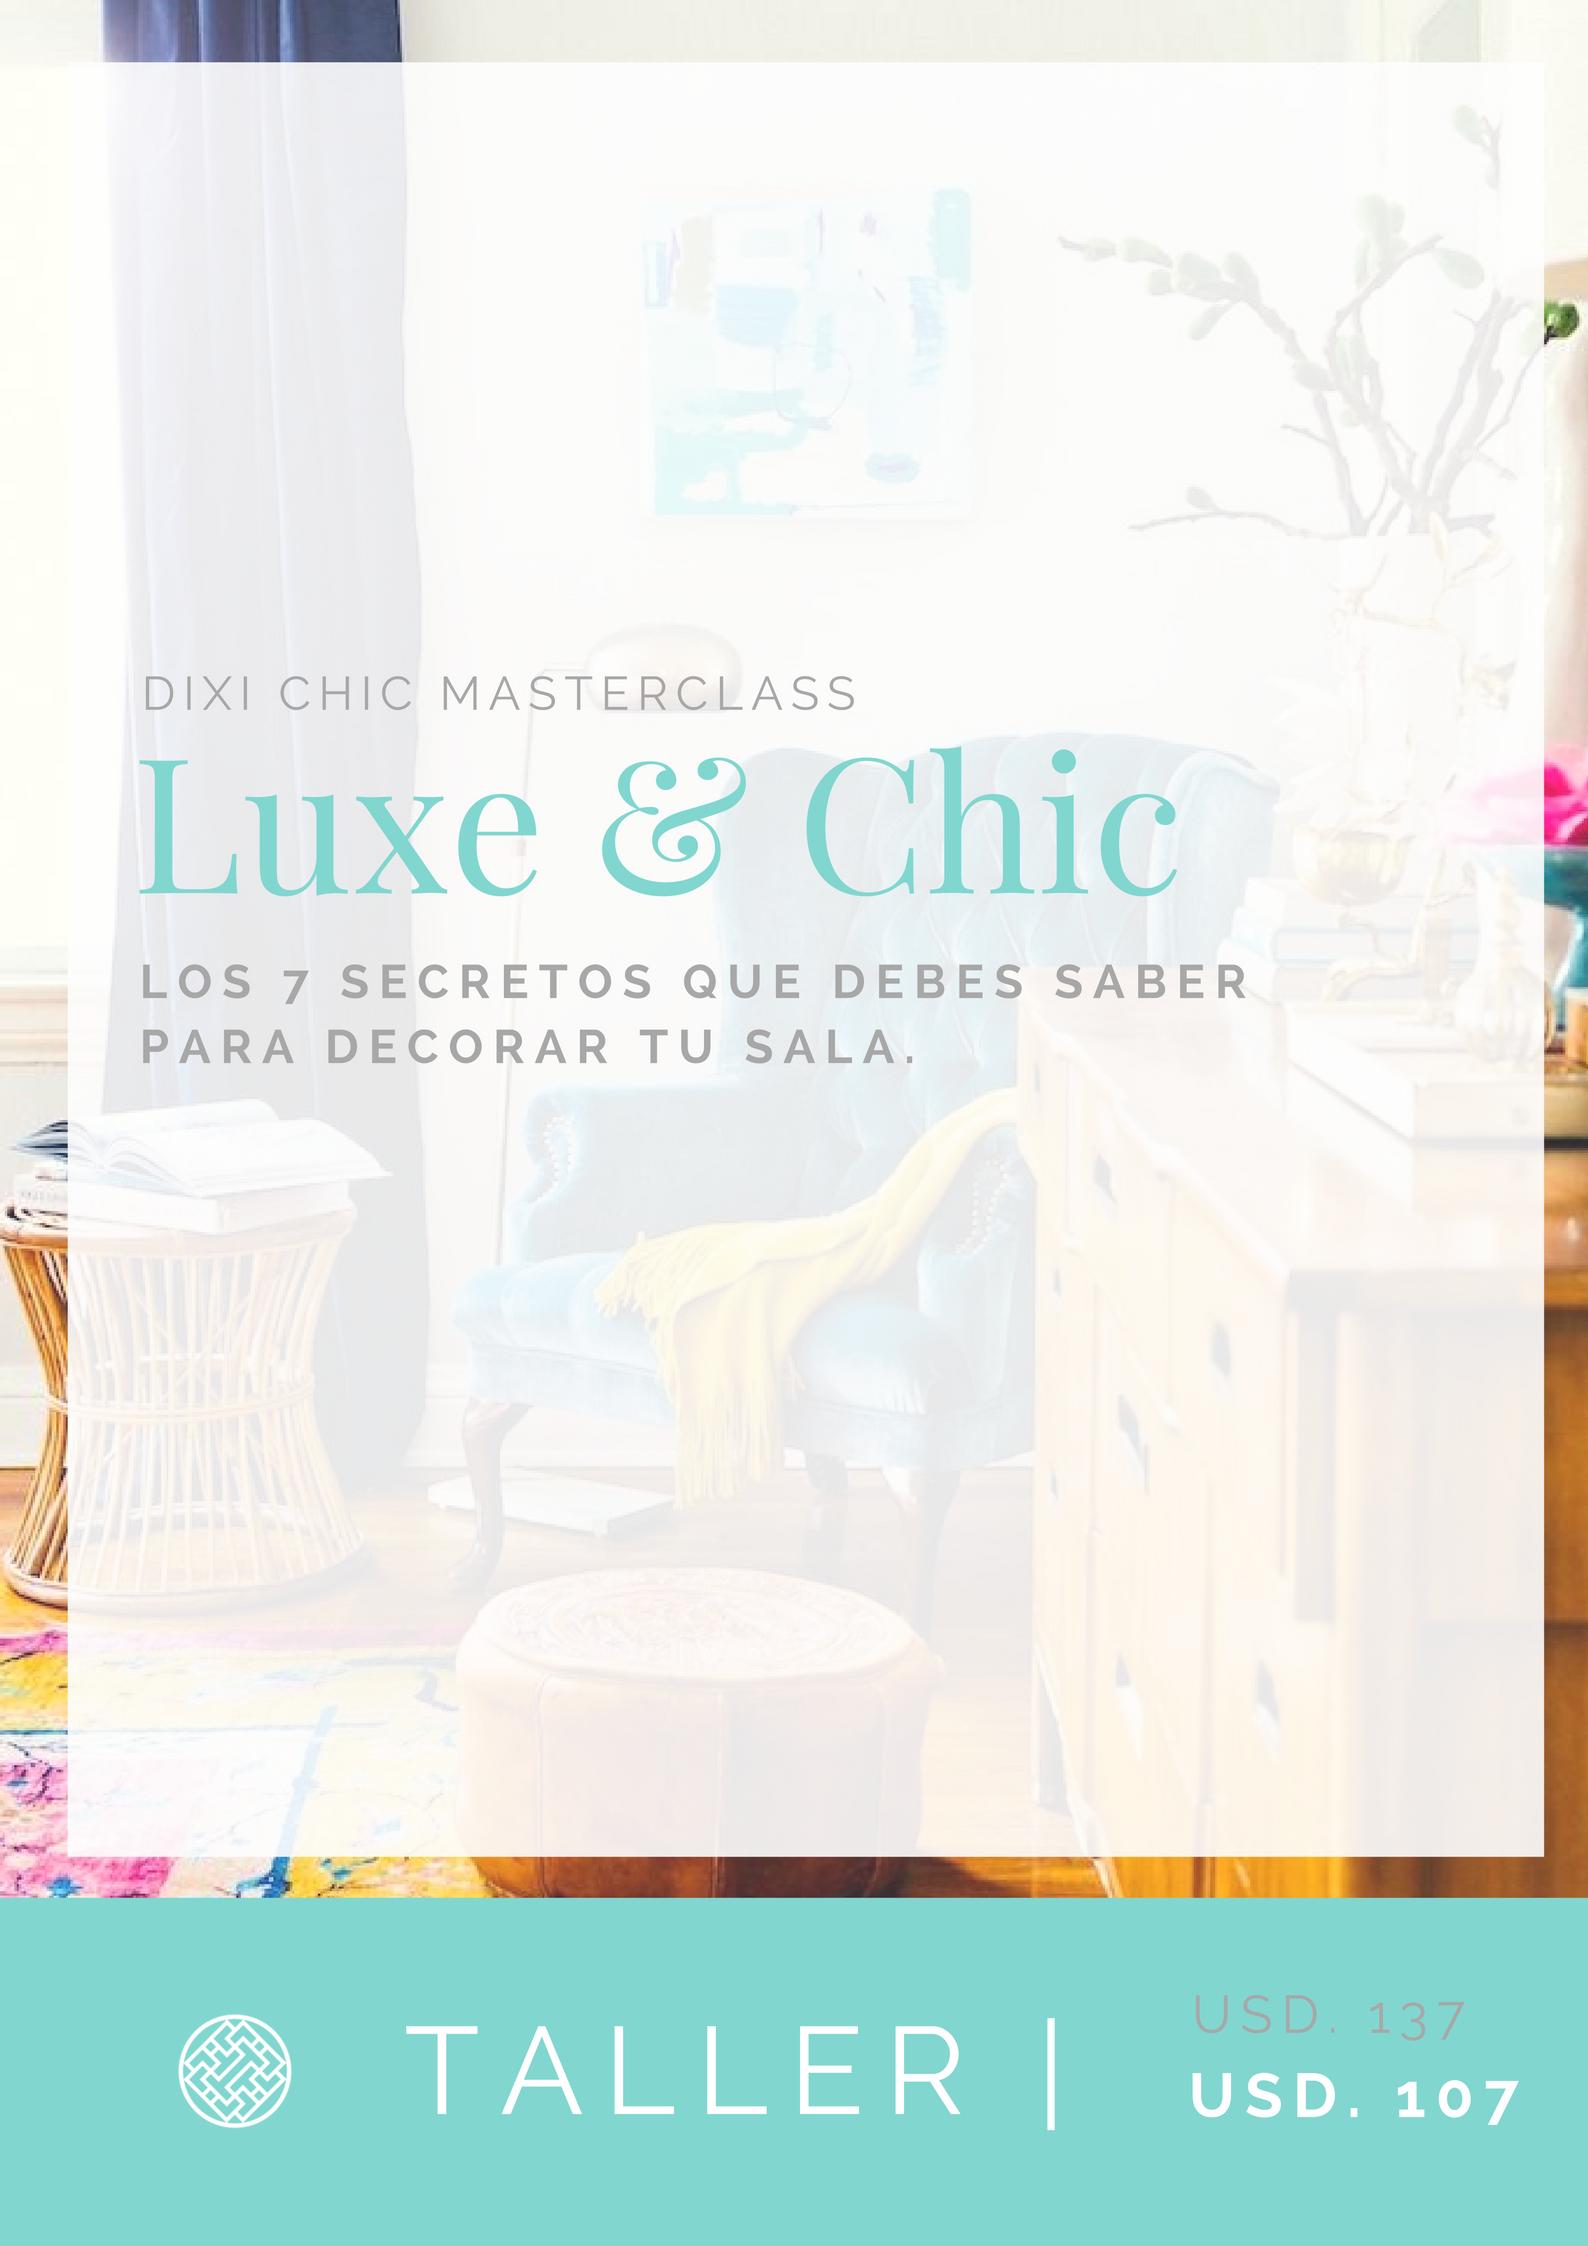 Taller de decoracion de Sala Luxe & Chic